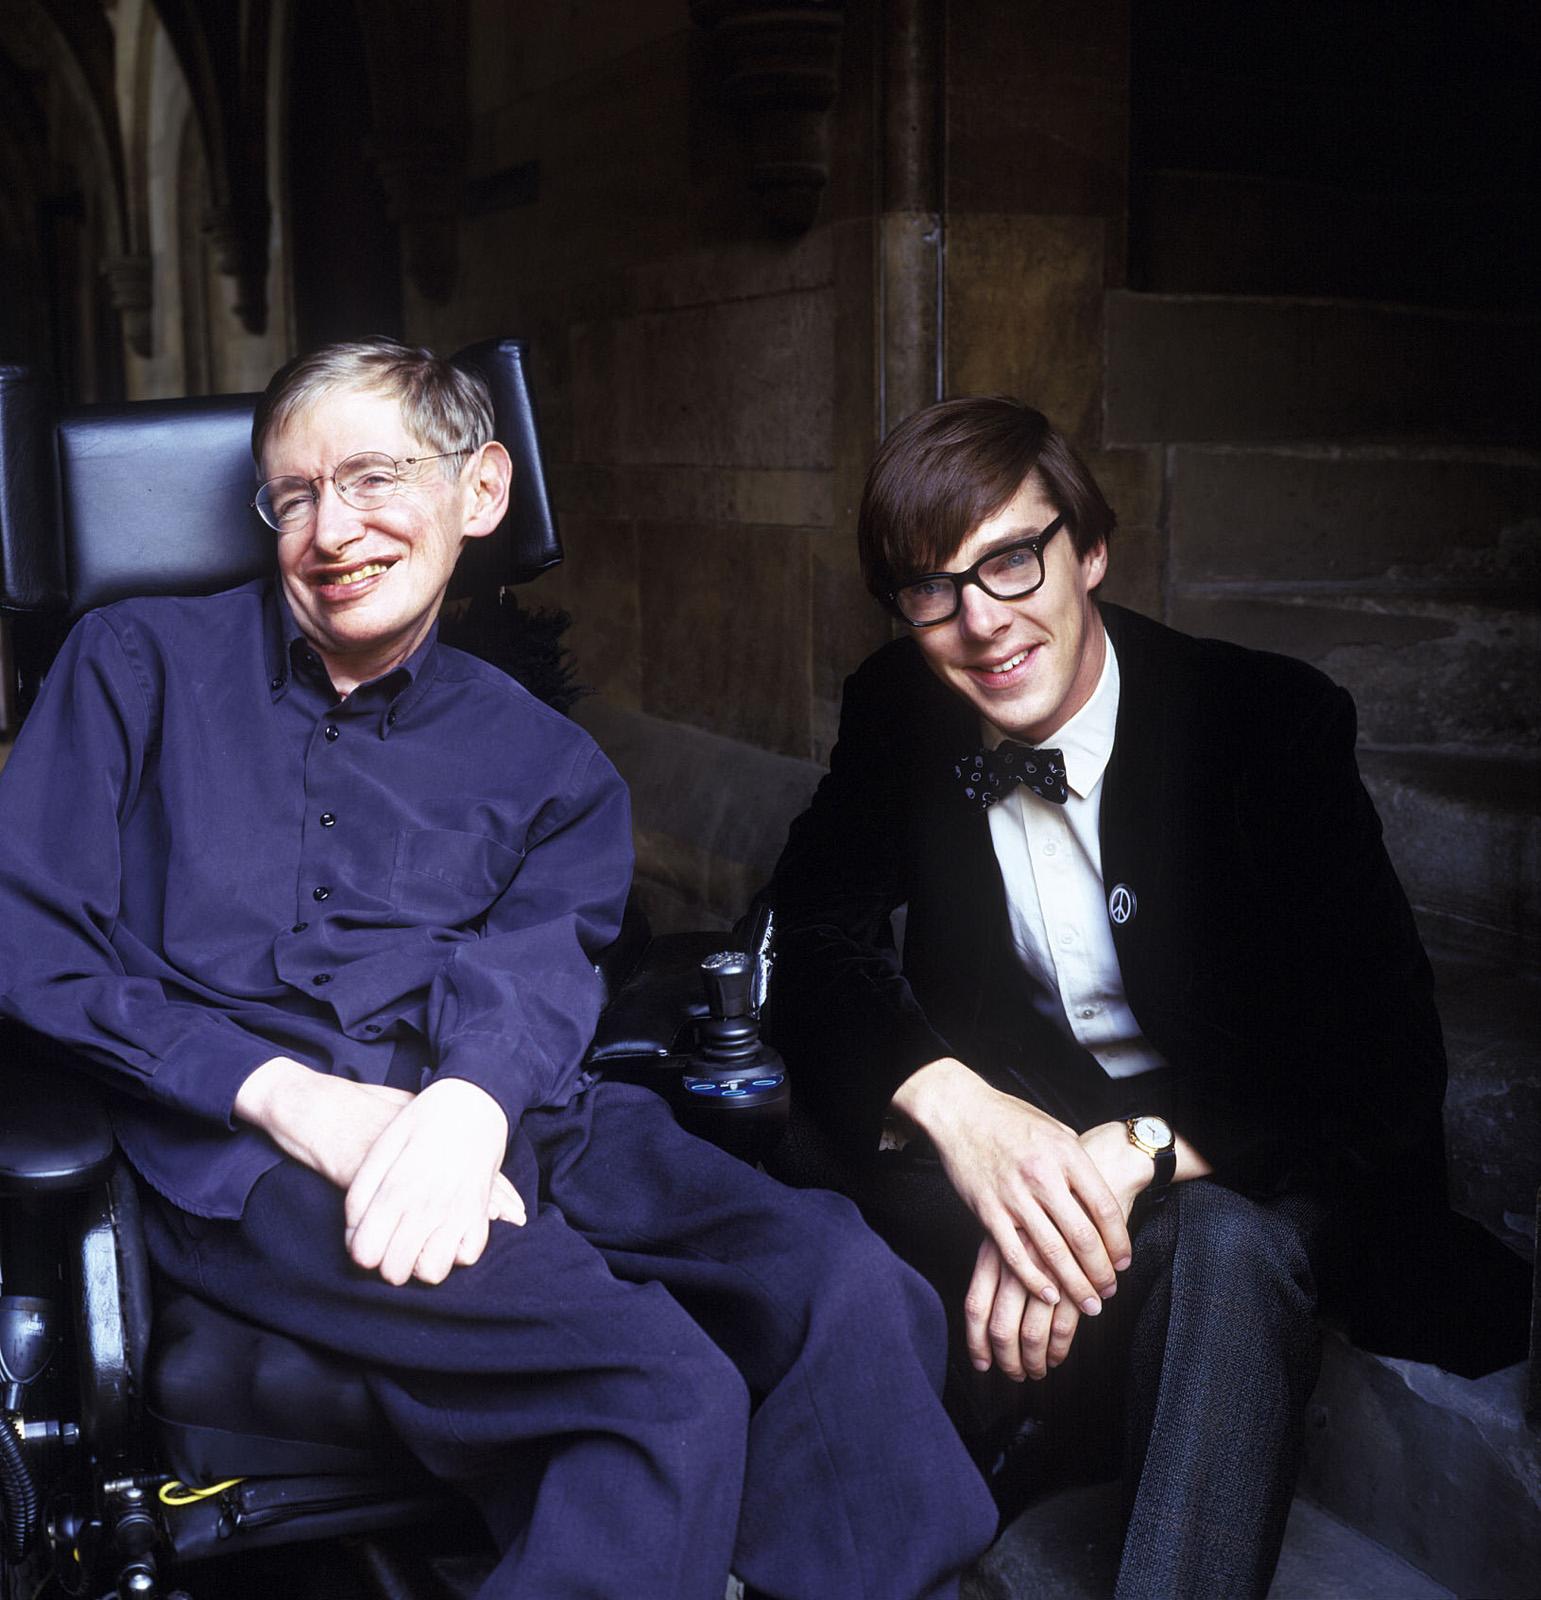 Benedict Cumberbatch Hawking